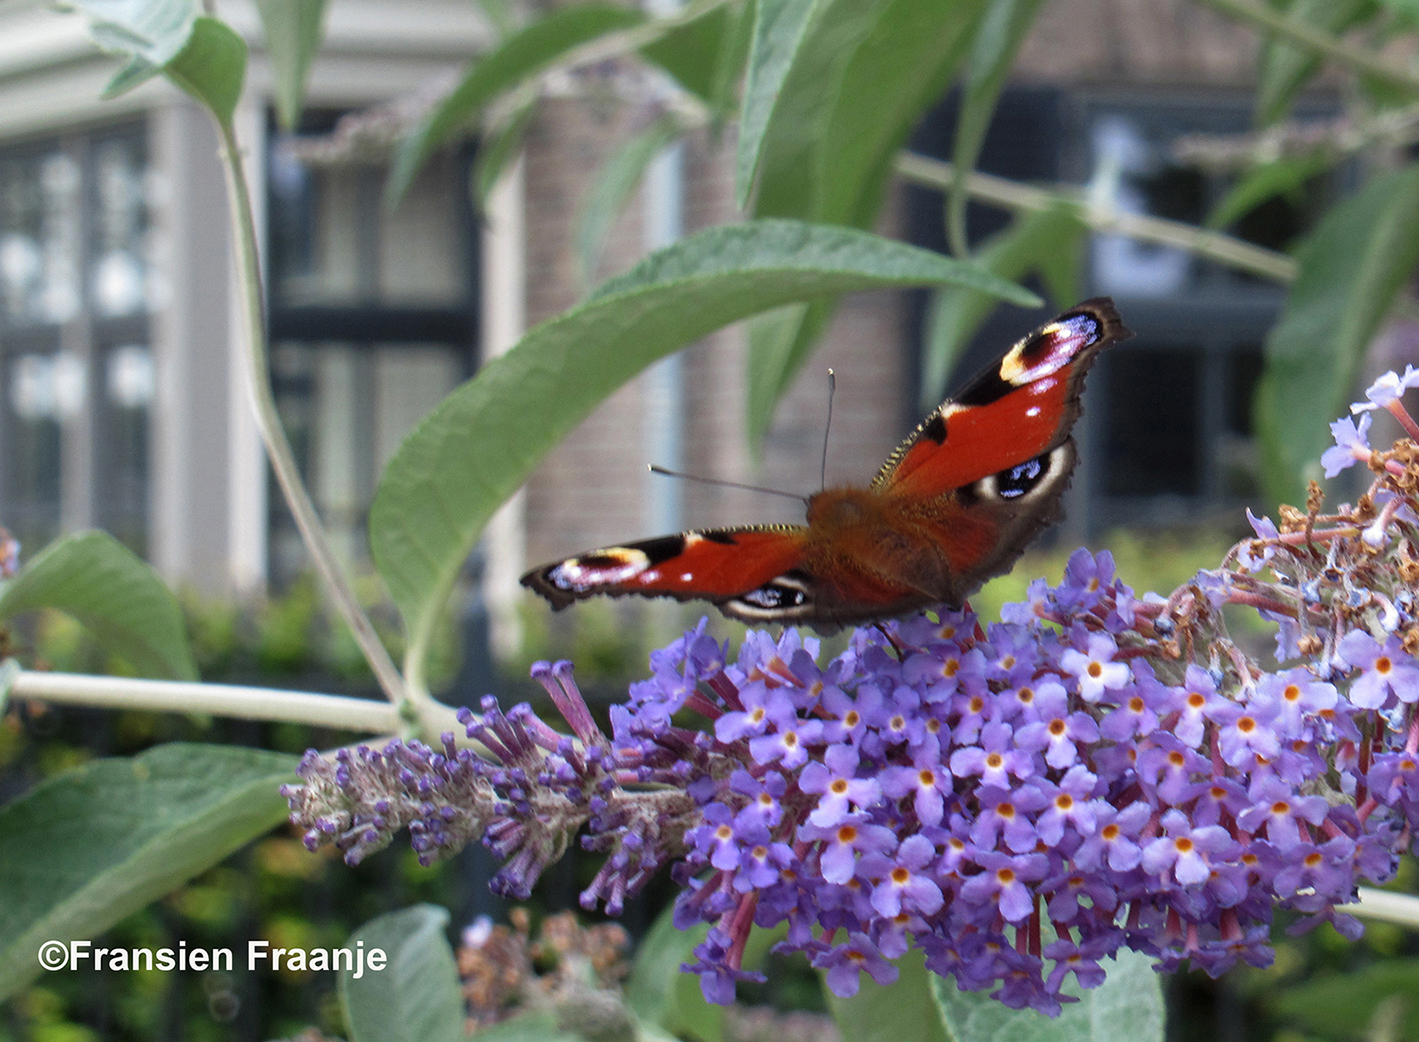 En de prachtige Dagpauwoog sluit de rij van vlinders hier - Foto: ©Fransien Fraanje